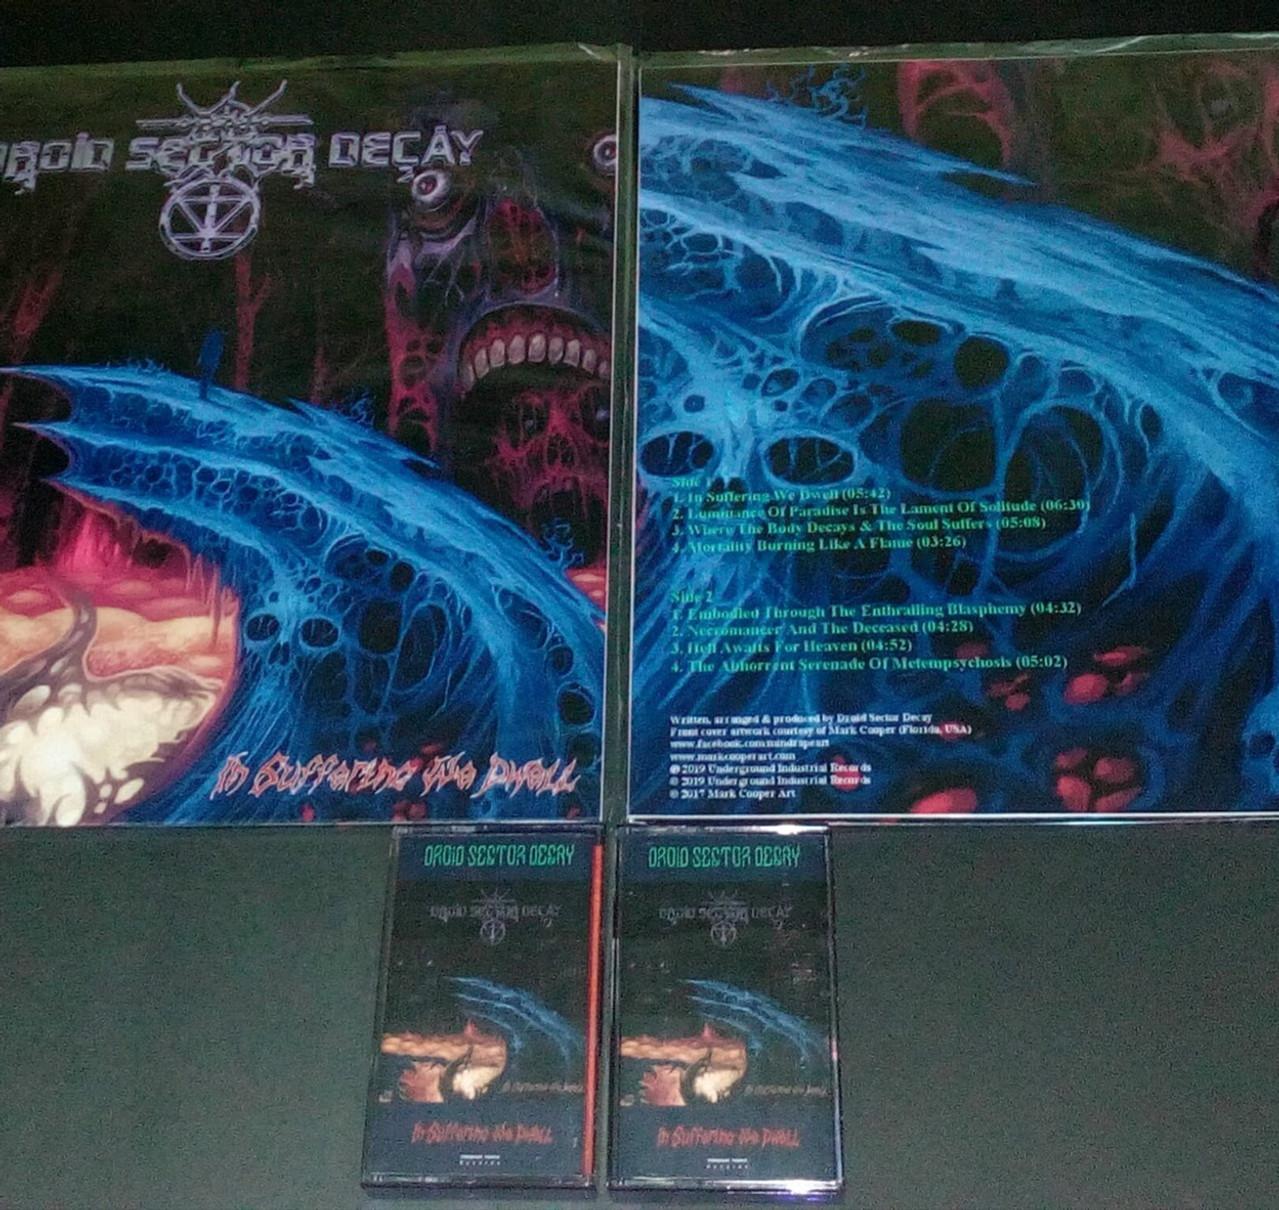 In Suffering We Dwell CD Stuff 2